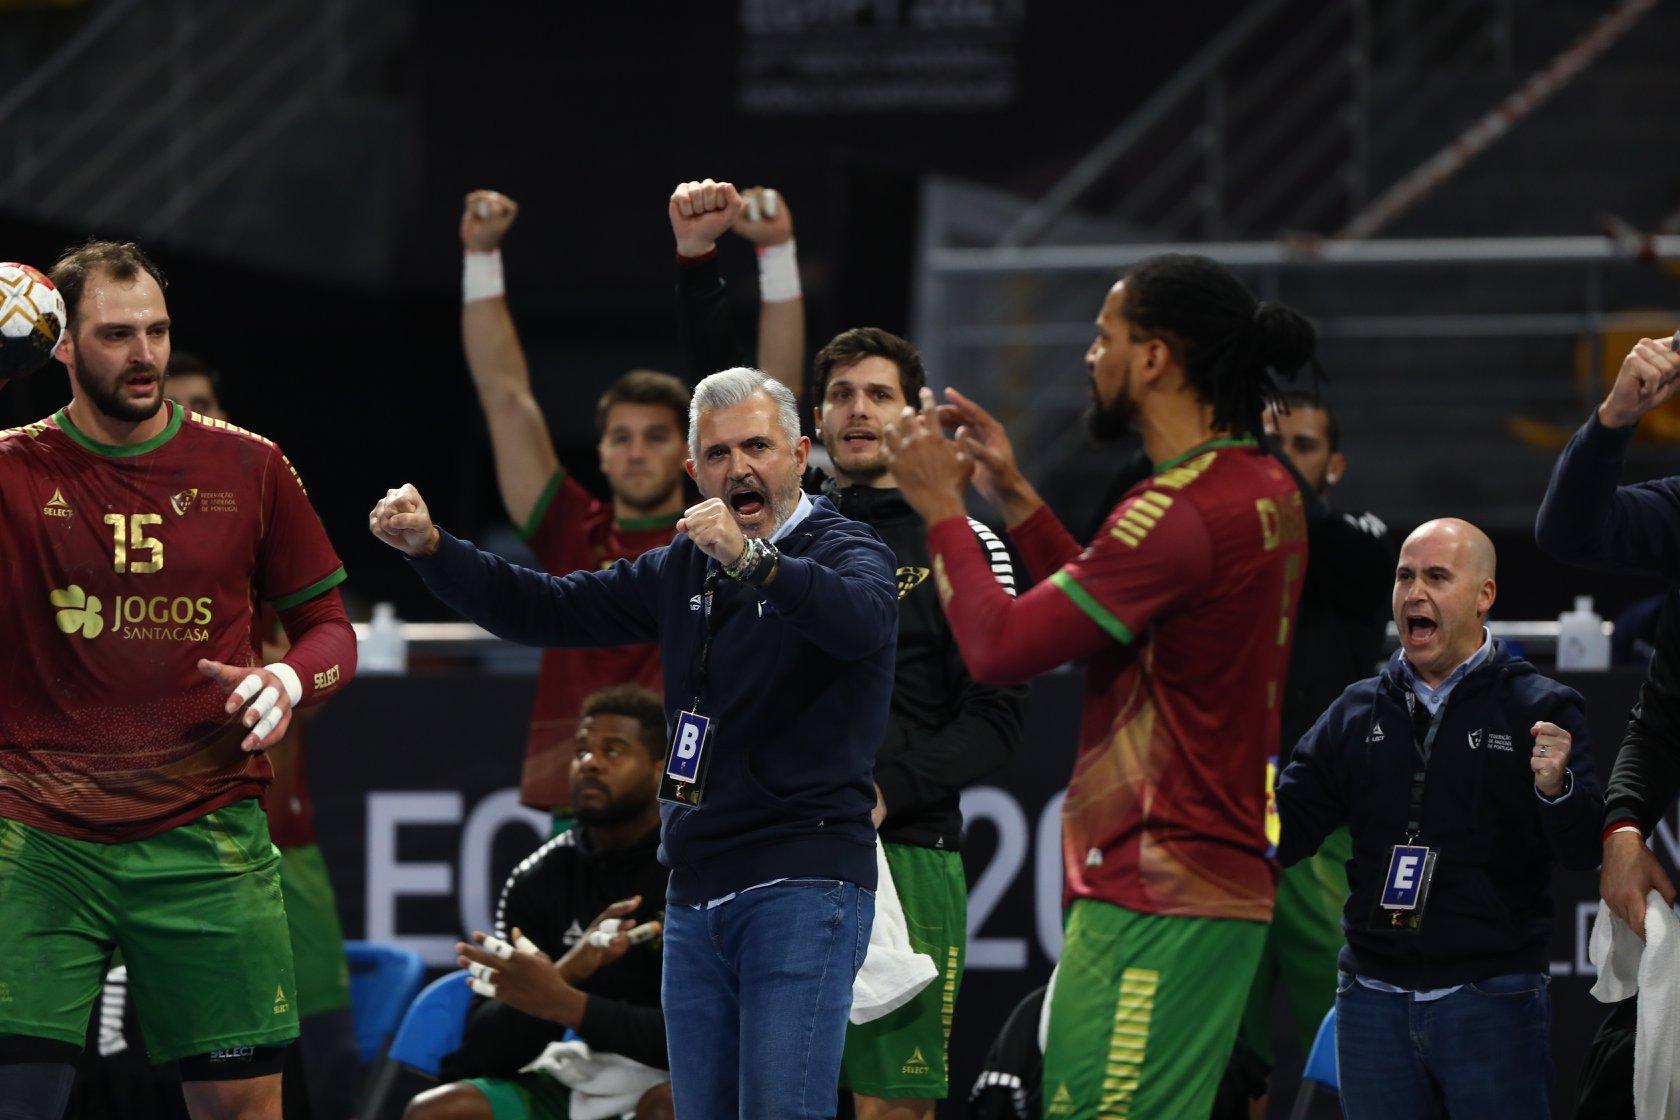 Portugália végig vezetve nyert Svájc ellen